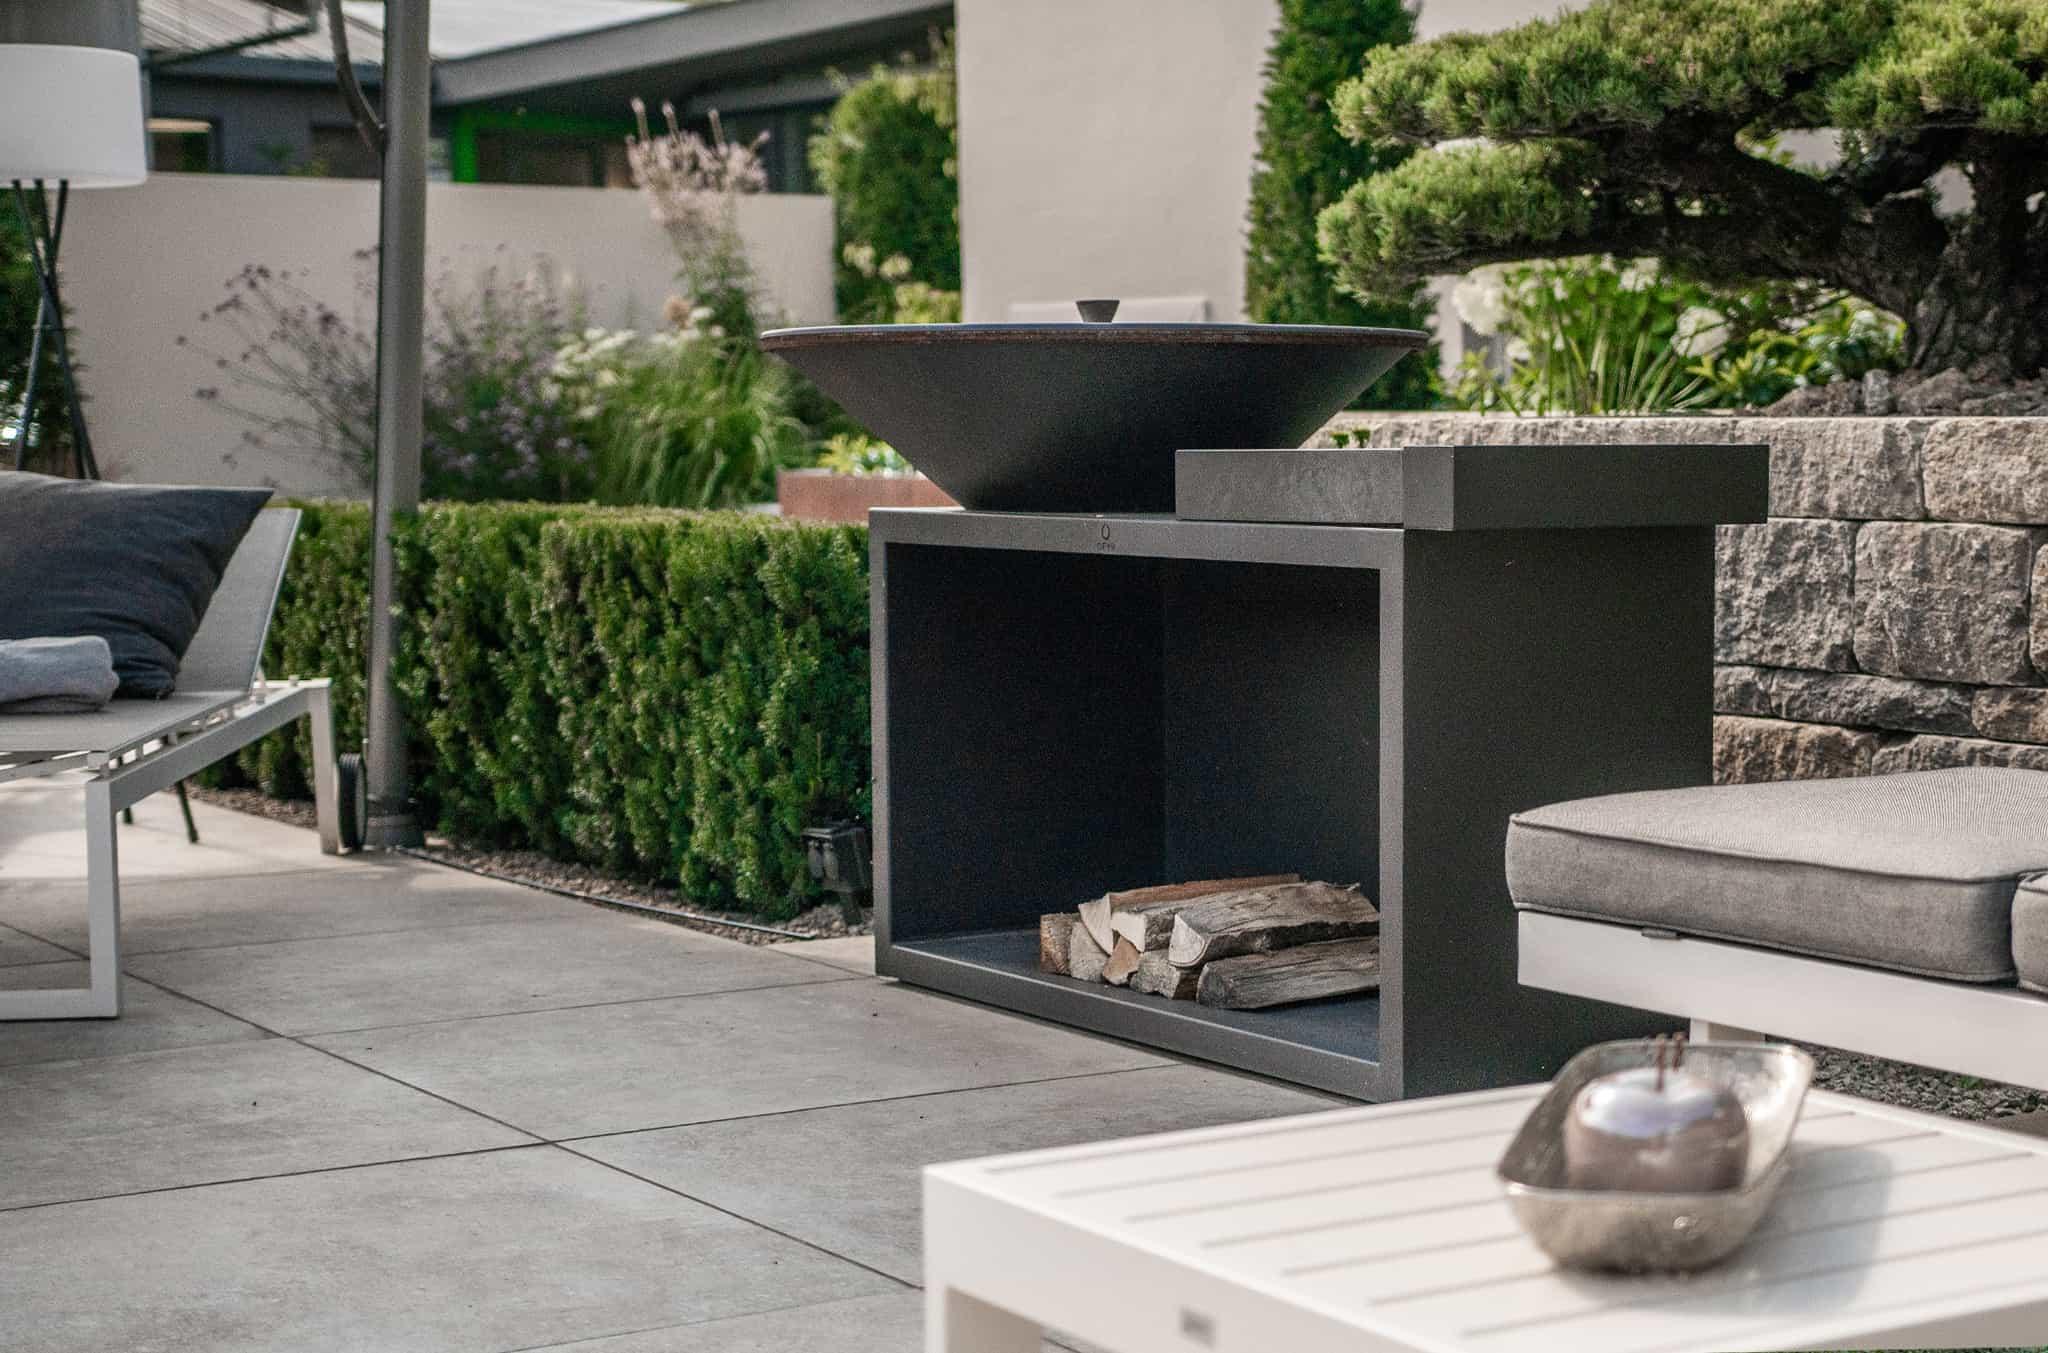 Feuerstelle Grill Im Garten Bullinger Gartengestaltung